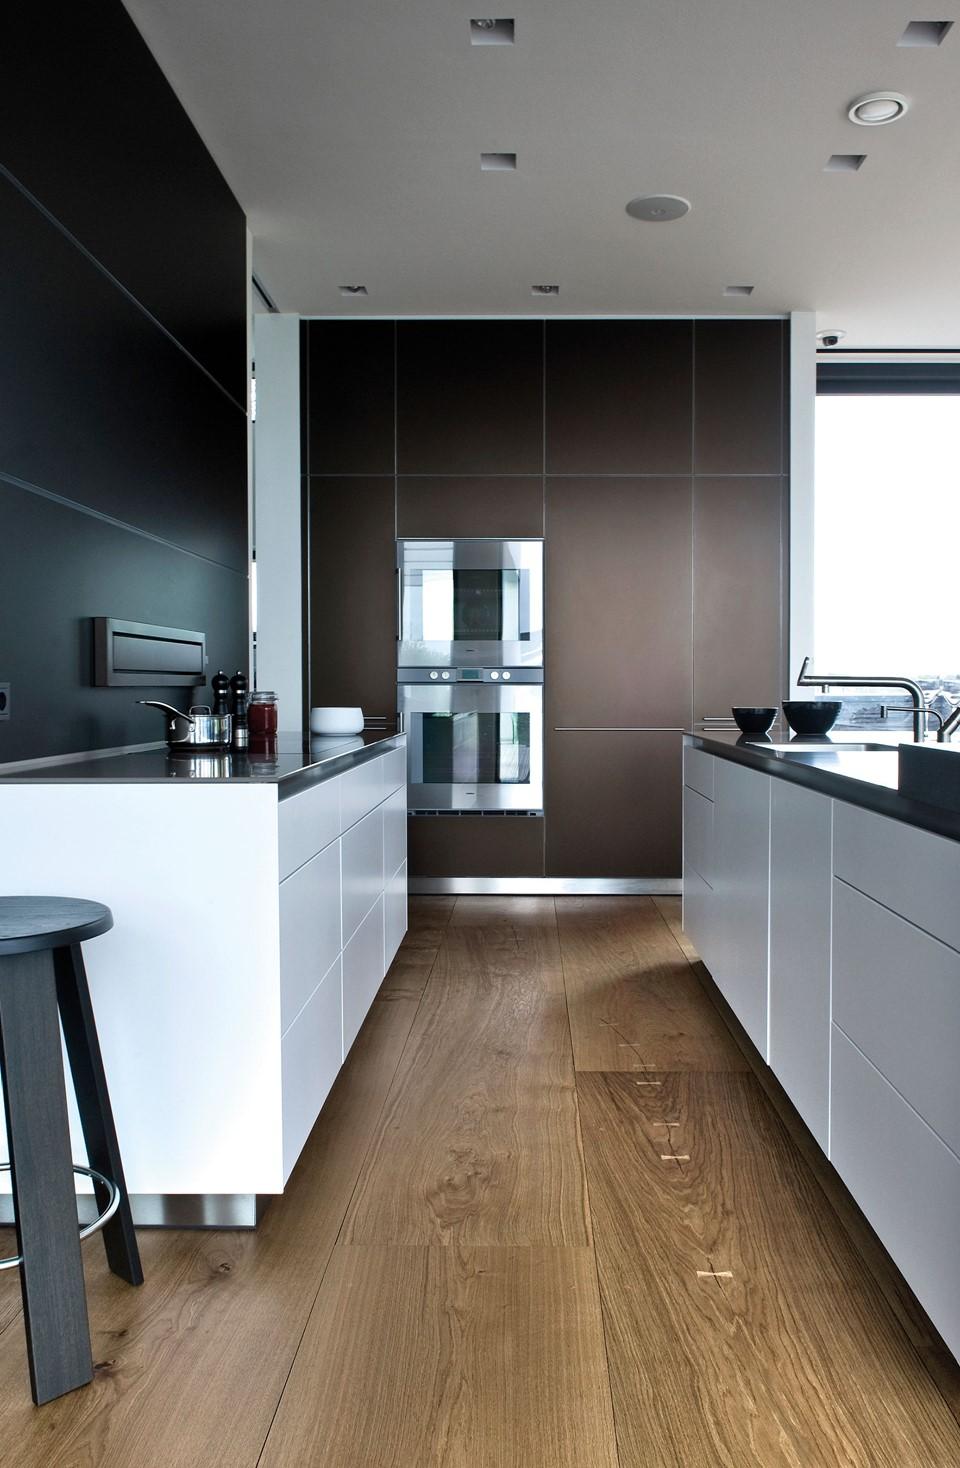 oak-hardwood-floors-heartoak_natural-oil_strib-residence_kitchen_dinesen.jpg